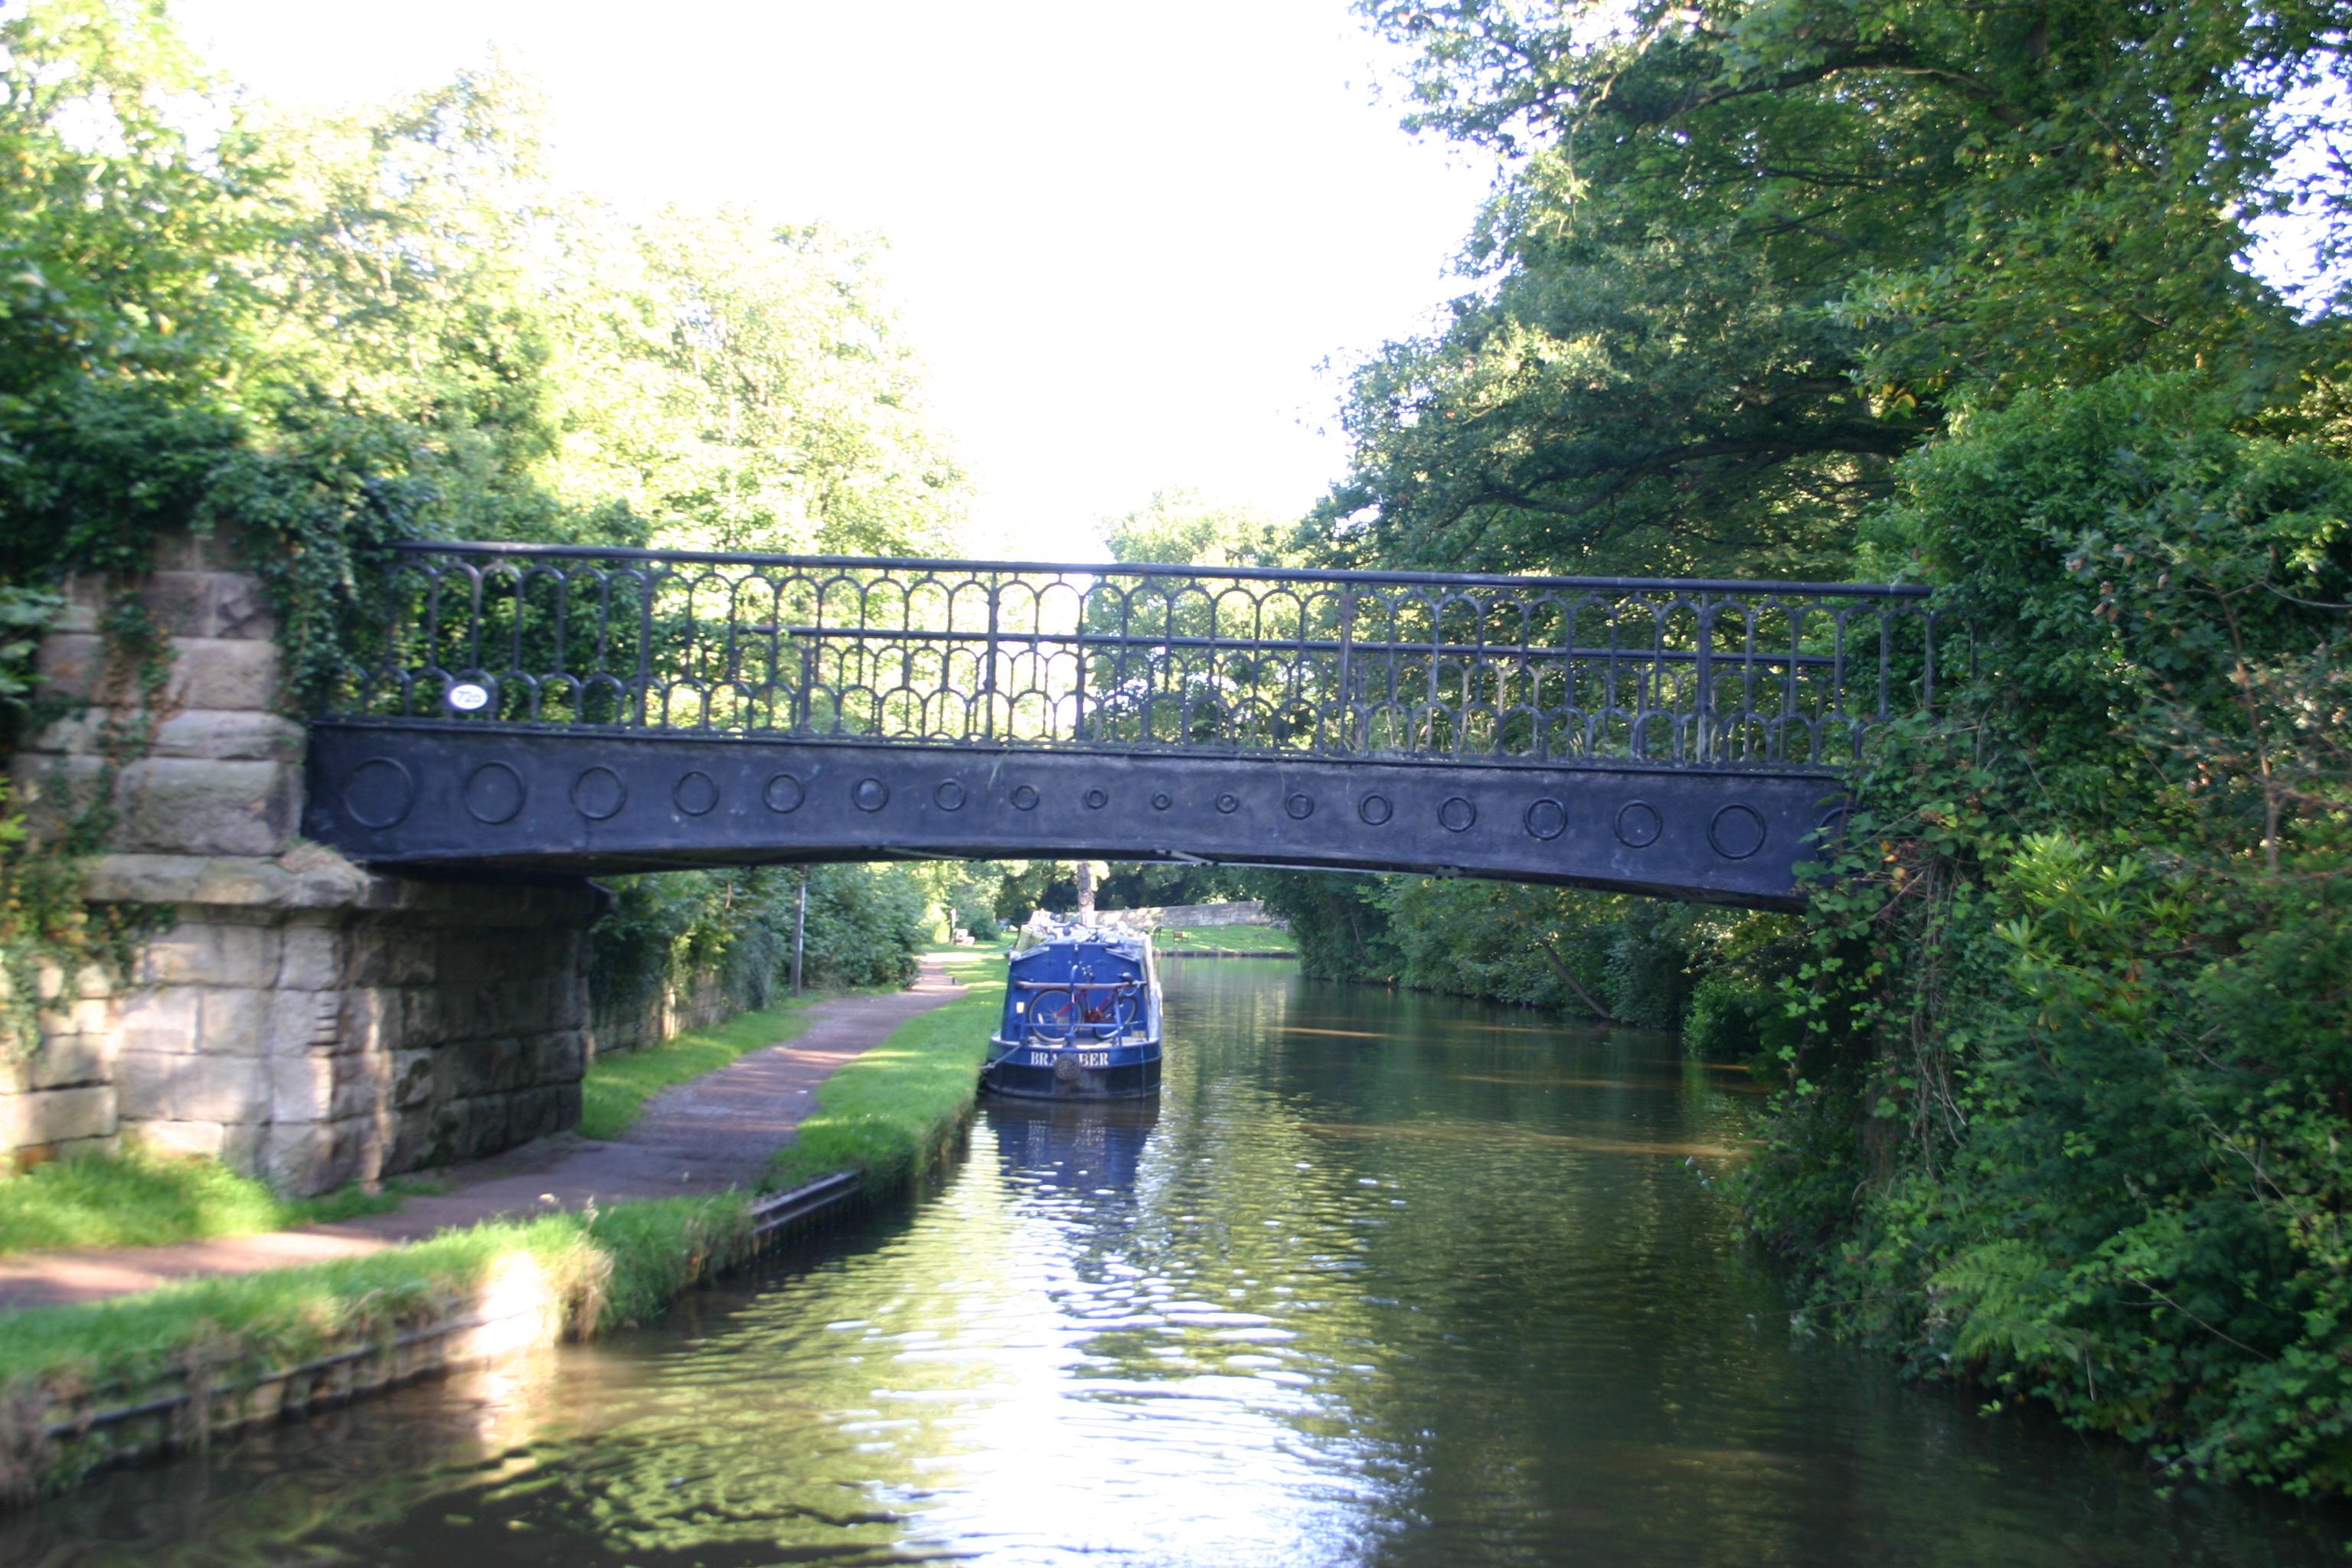 Our bridge is fancier than yours!